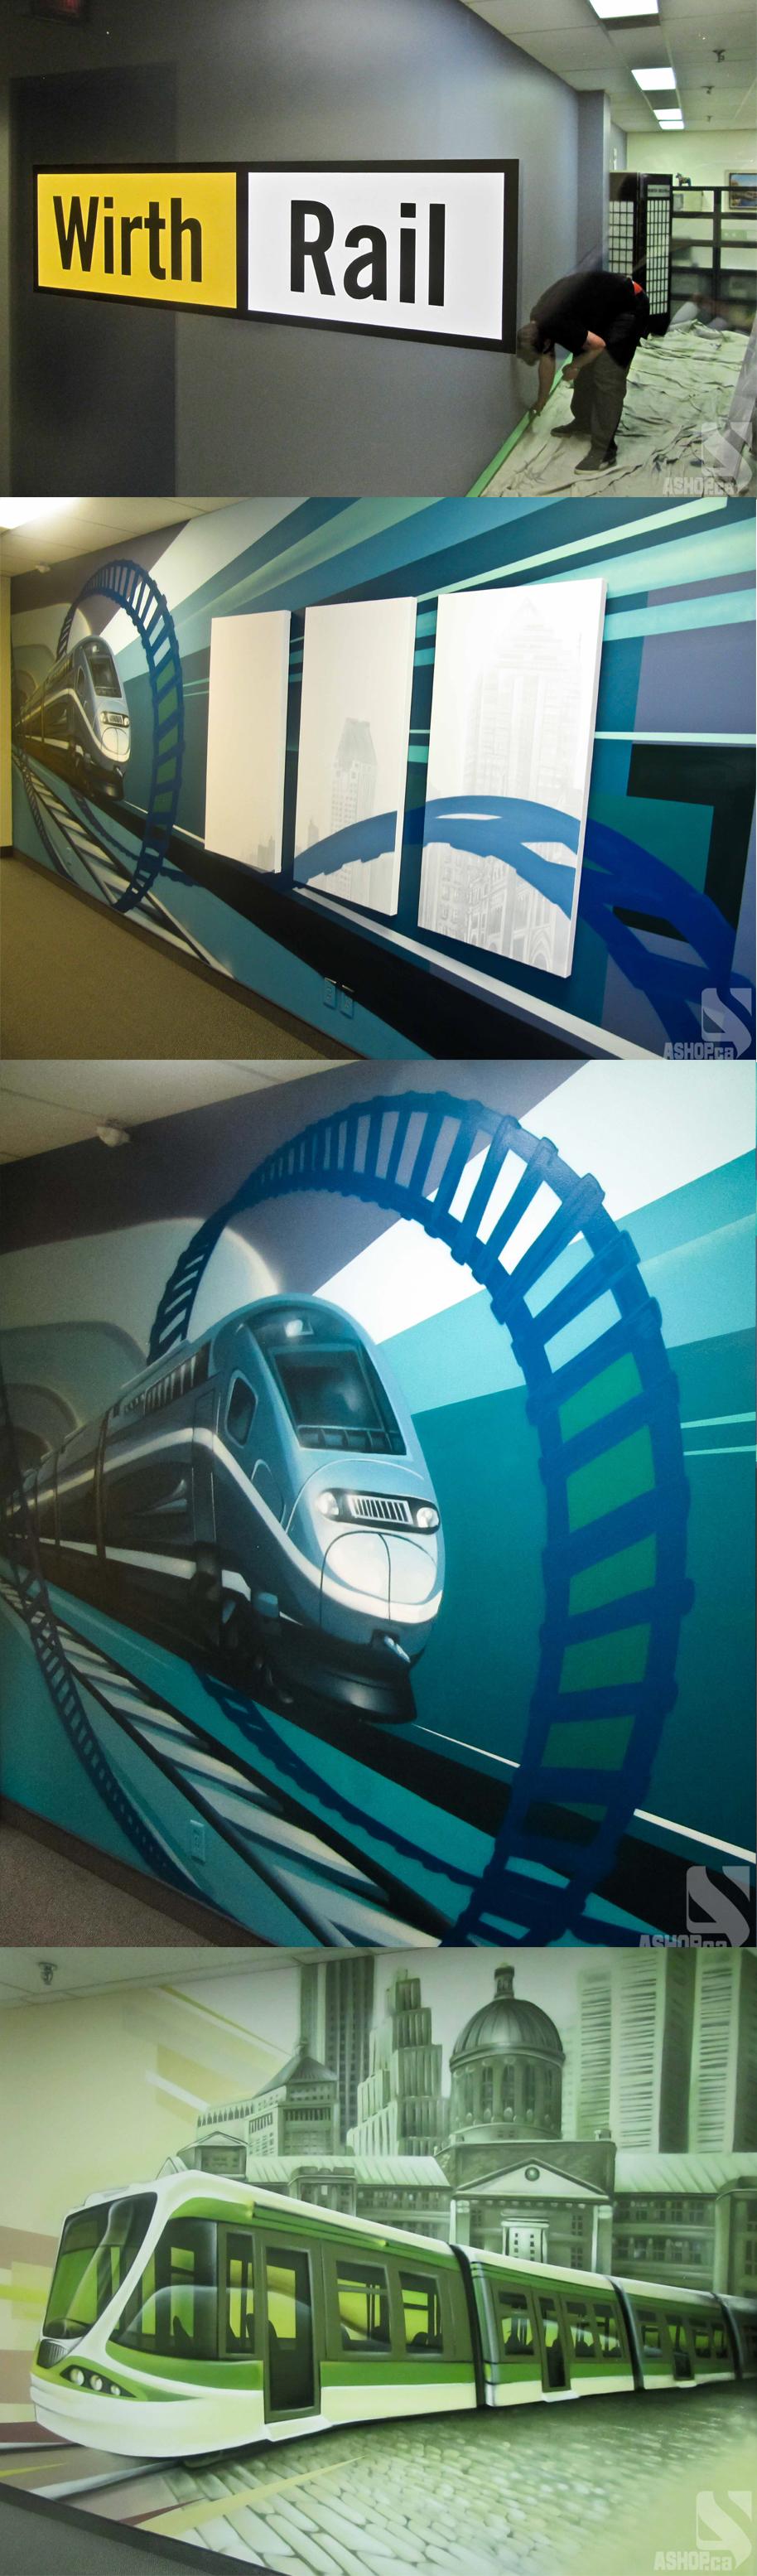 Wirth rail 1.jpg